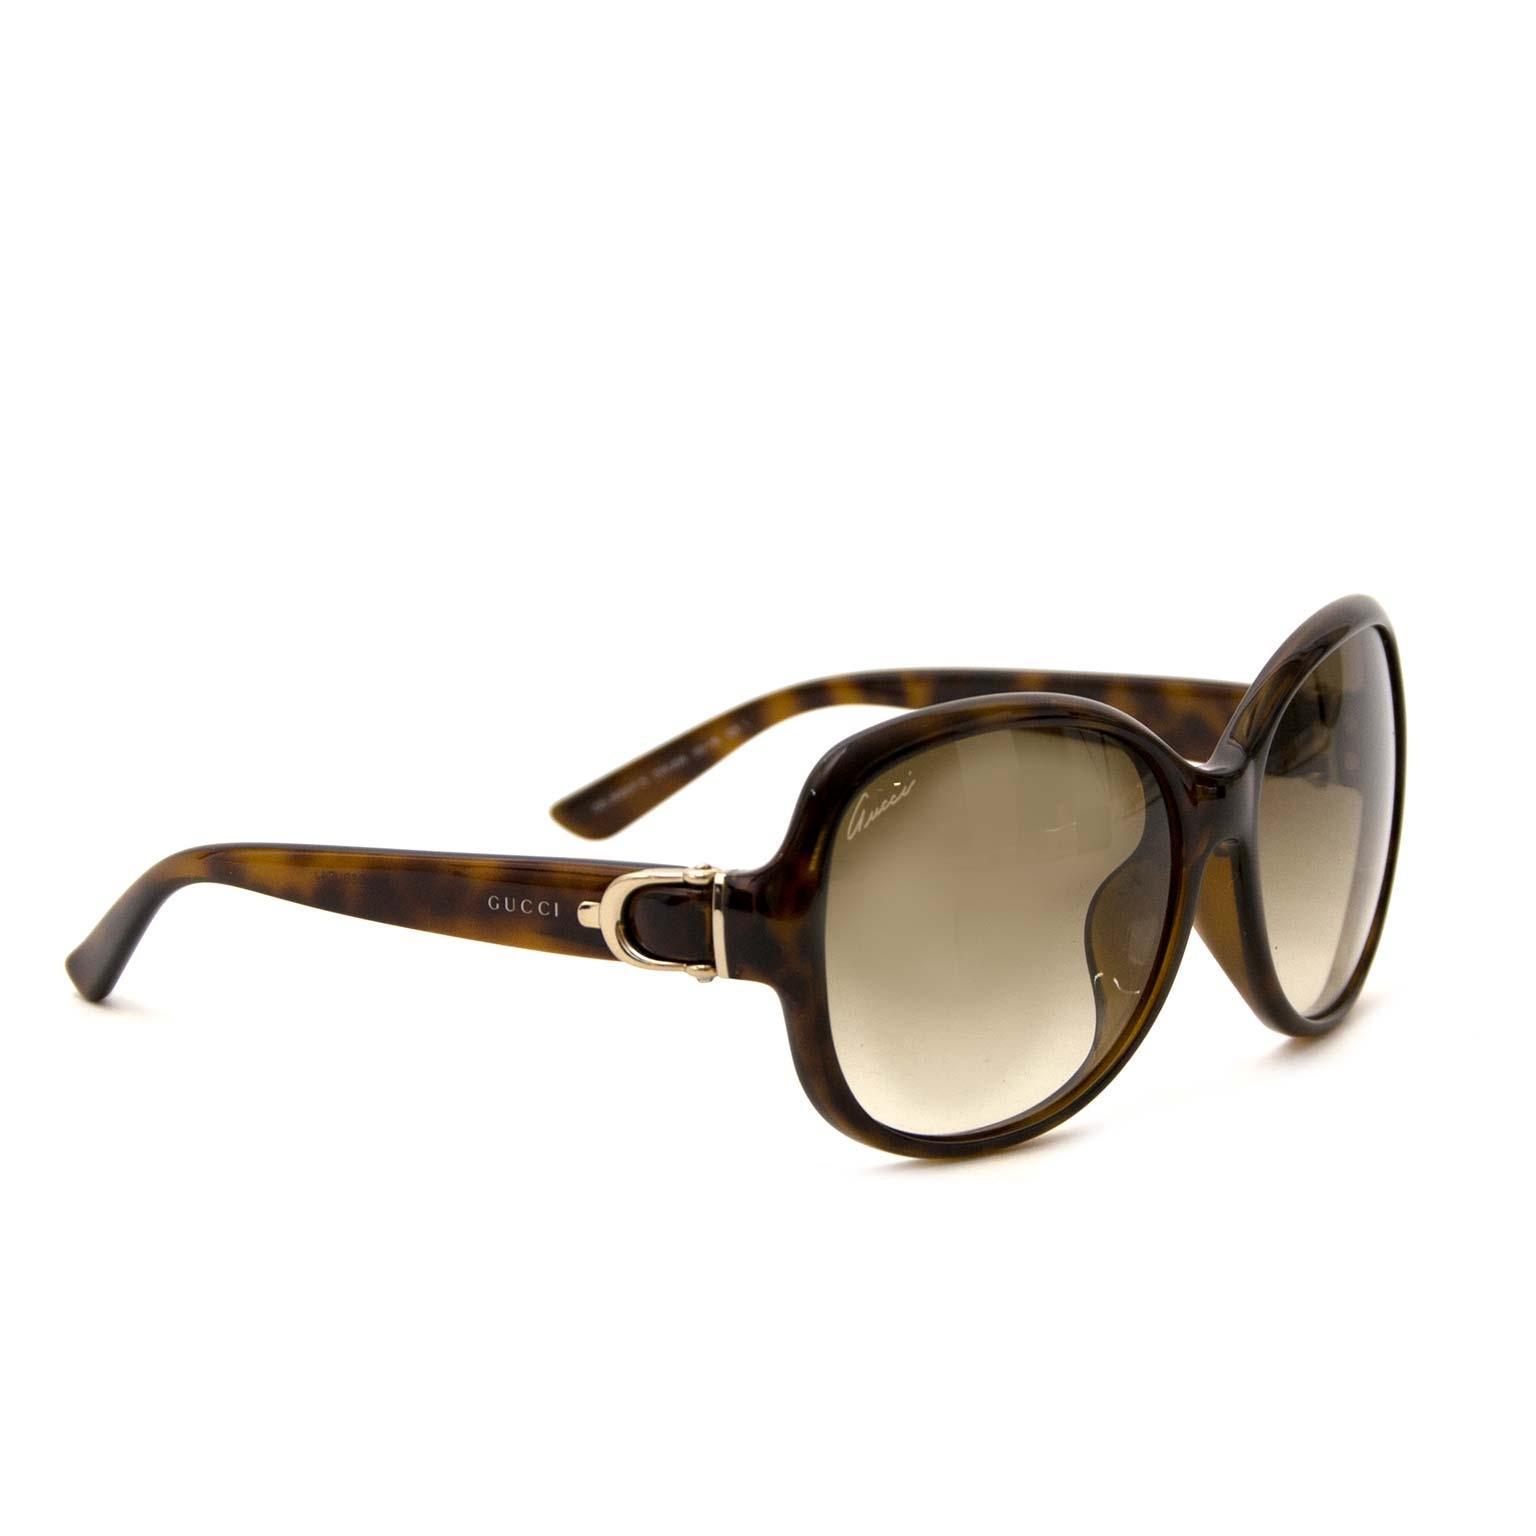 Buy secondhand Gucci sunglasses at Labellov. Safe online shopping. Koop tweedehands Gucci zonnebril bij Labellov. Veilig online shoppen. Achetez des lunettes de solei d'occasion Gucci chez Labellov. Achats en ligne en toute securité.